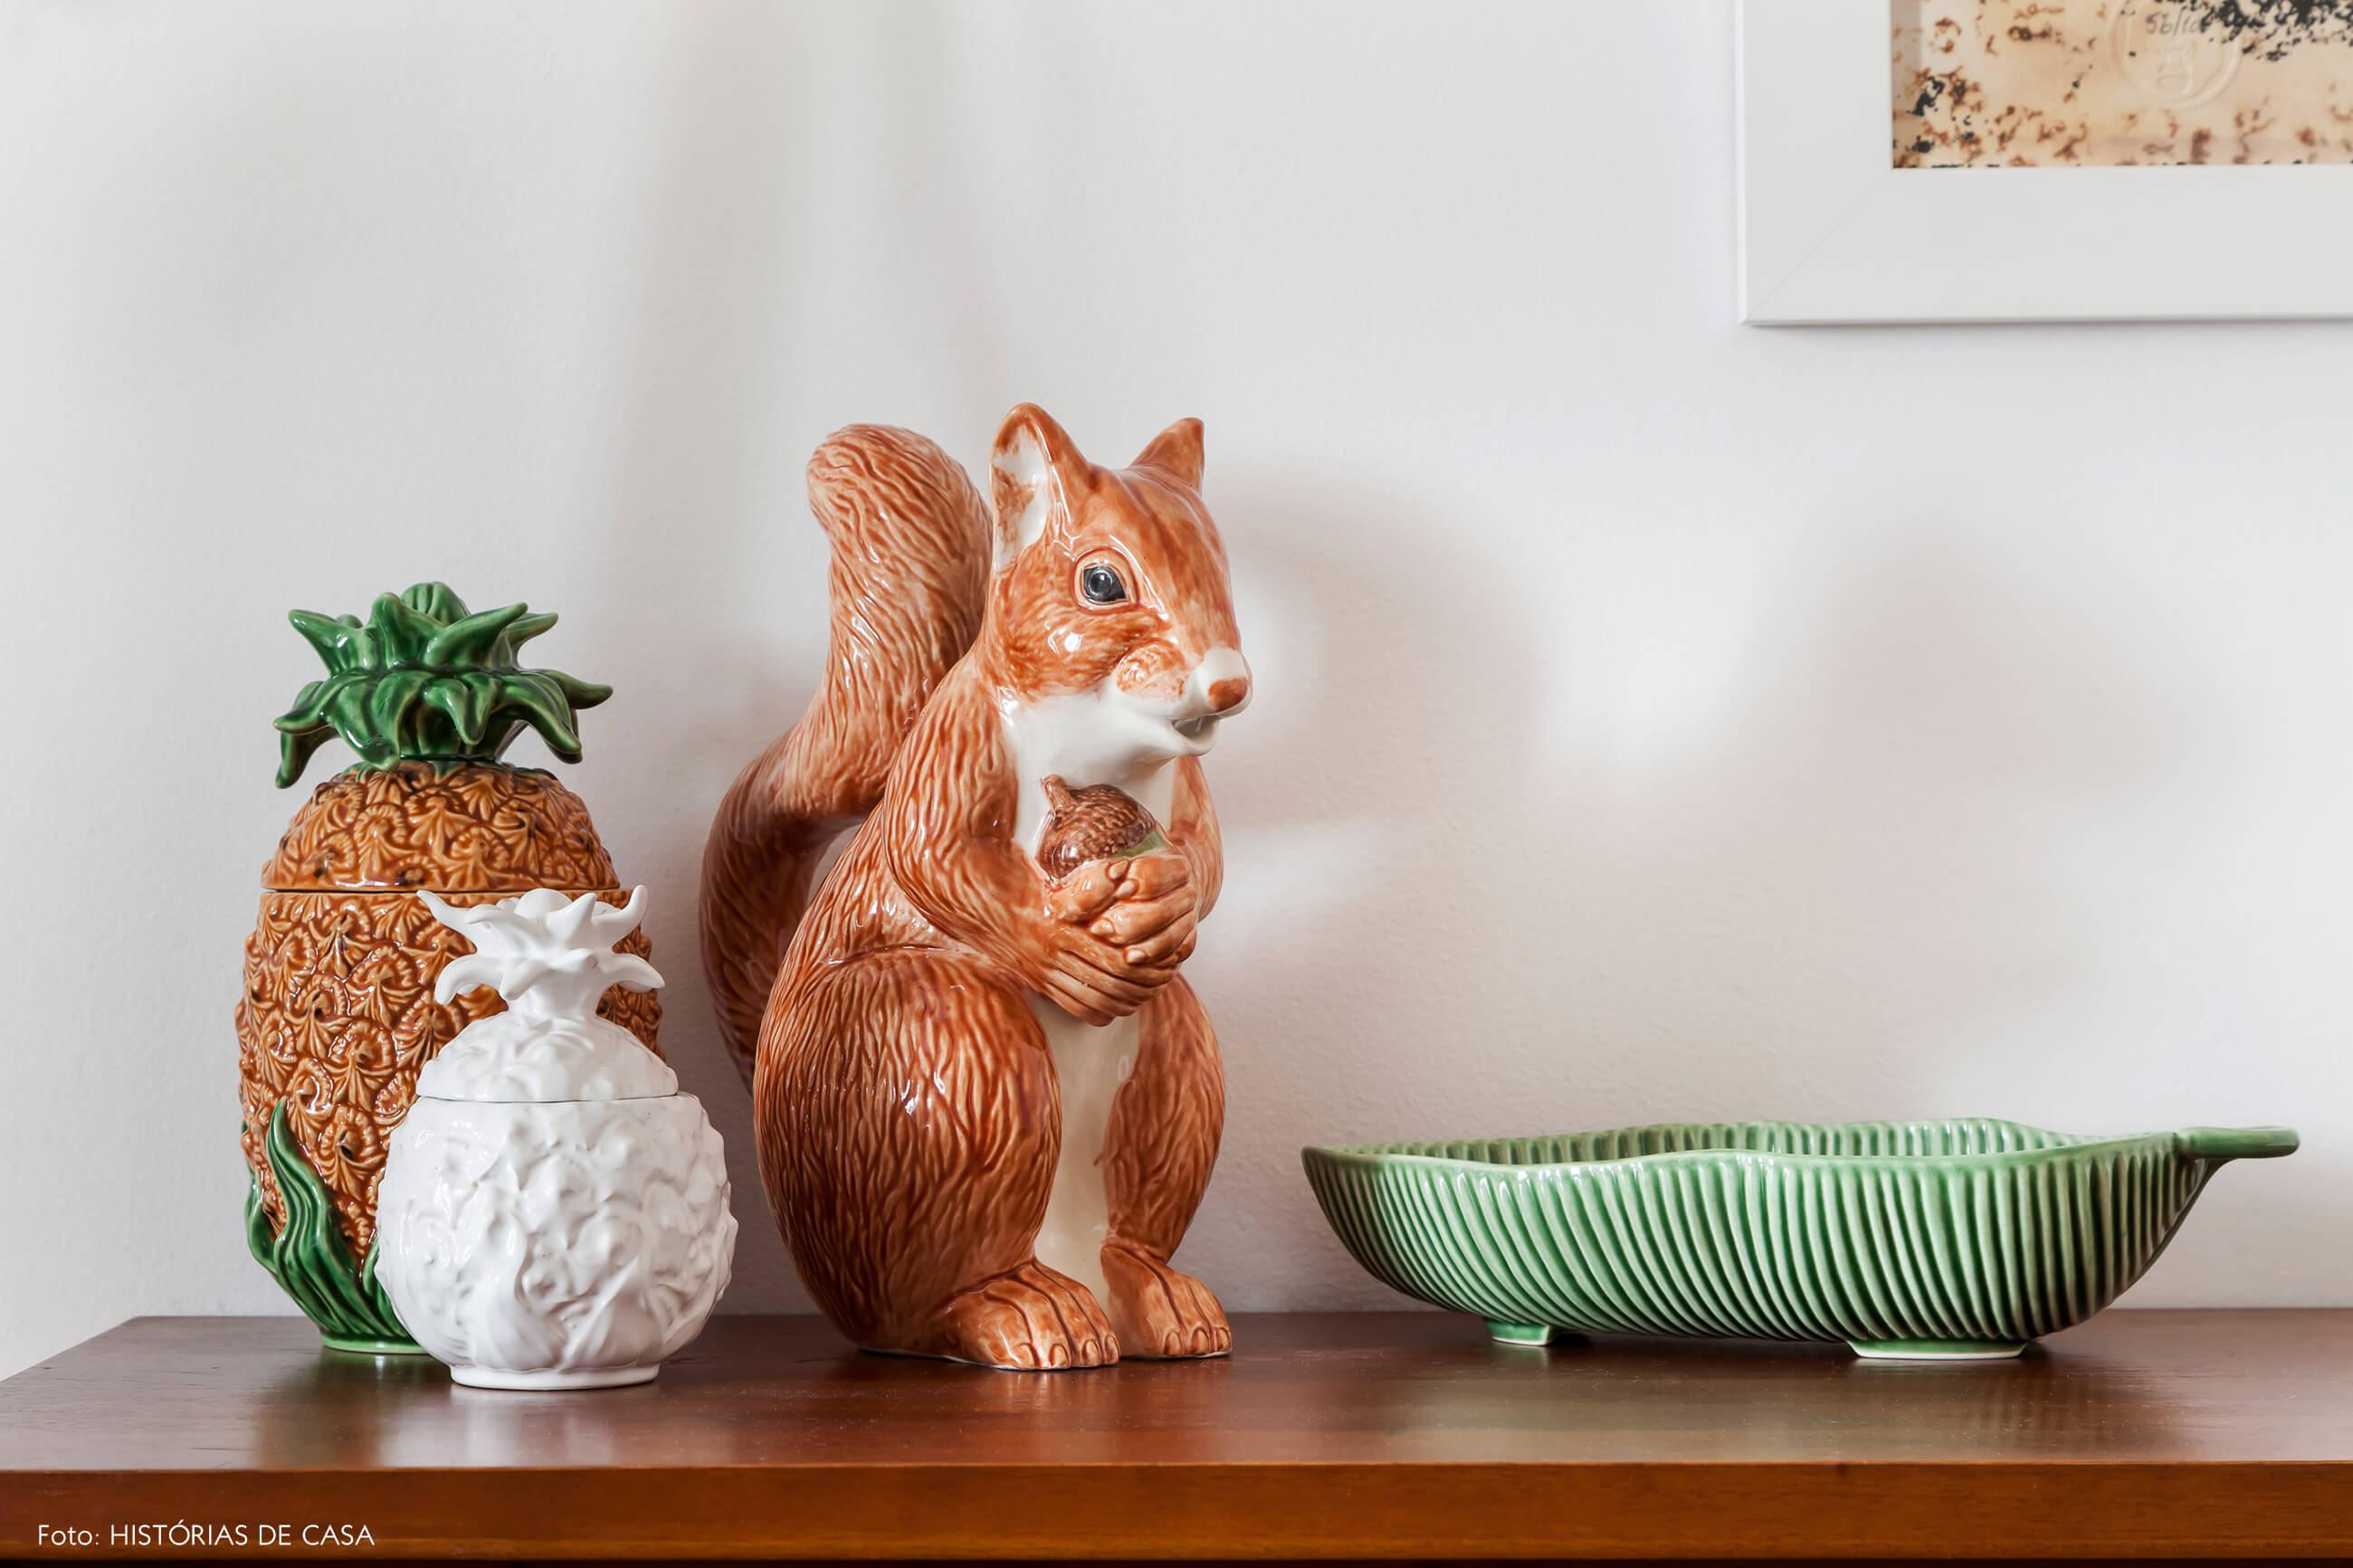 Apartamento em Portugal, decoração com coleção de cerâmicas